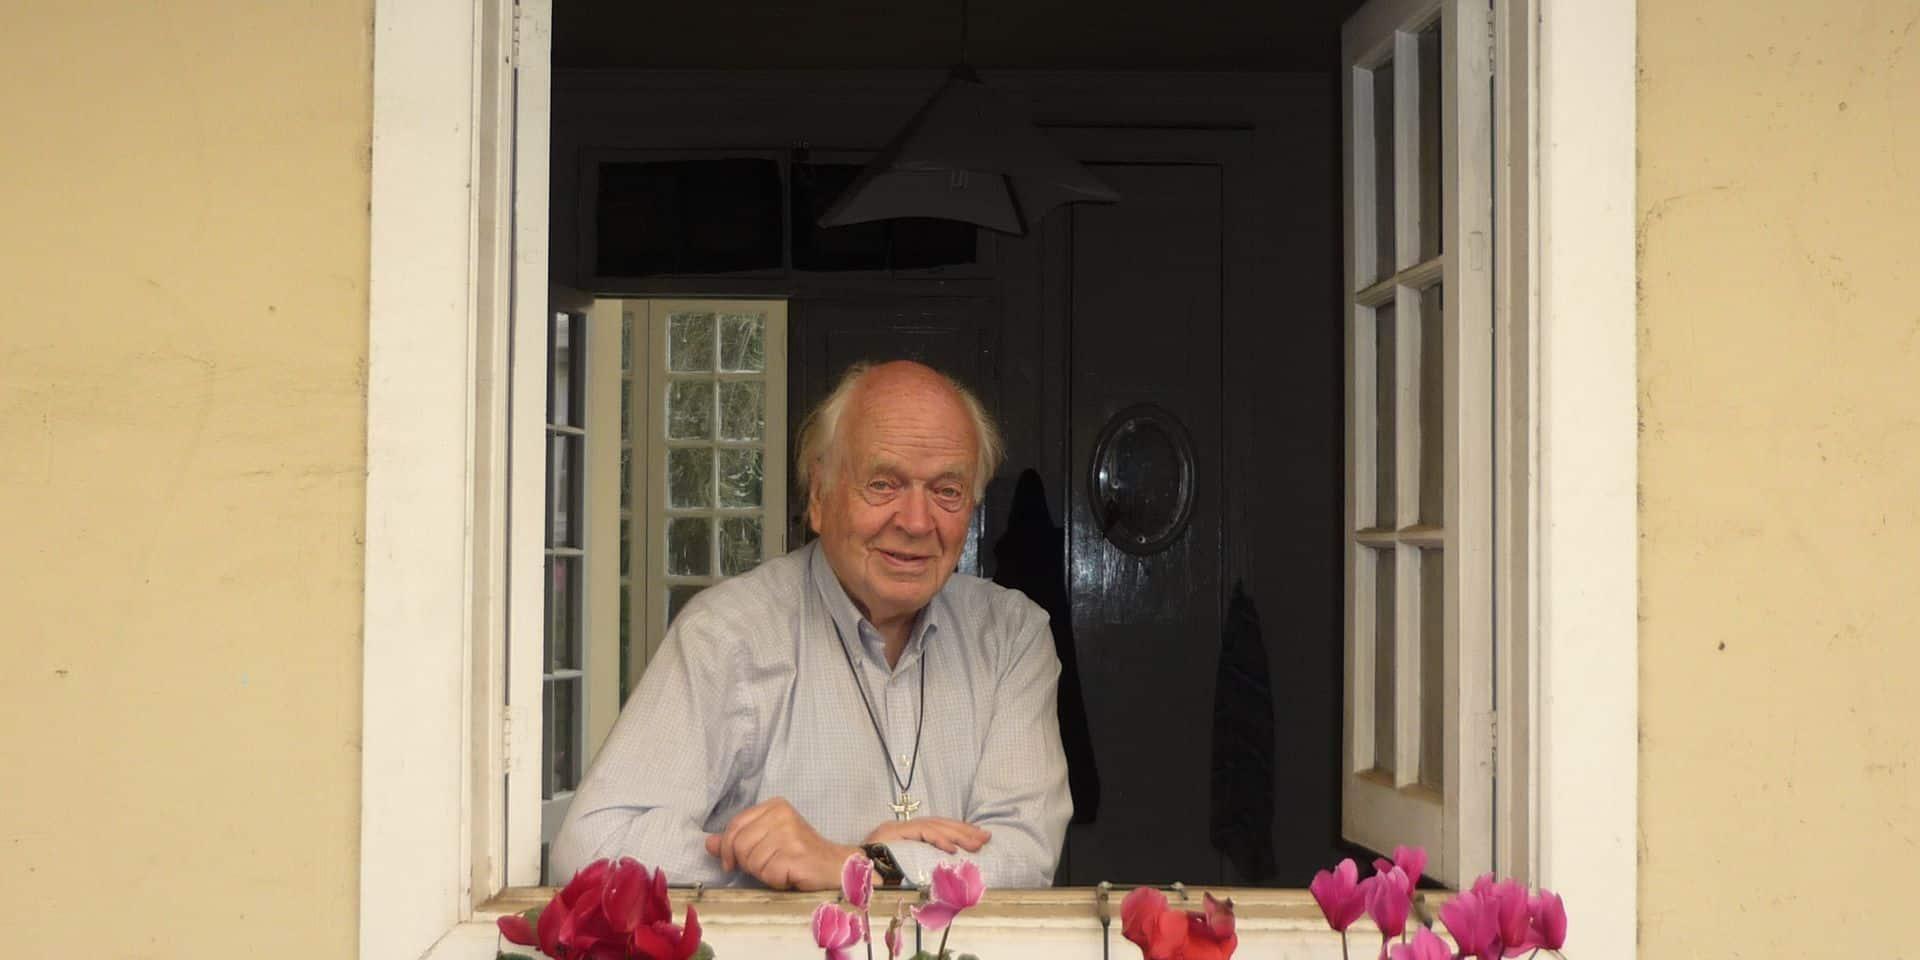 Josse van der Rest, ce prêtre belge qui a aidé des millions de personnes à se loger aux quatre coins du monde